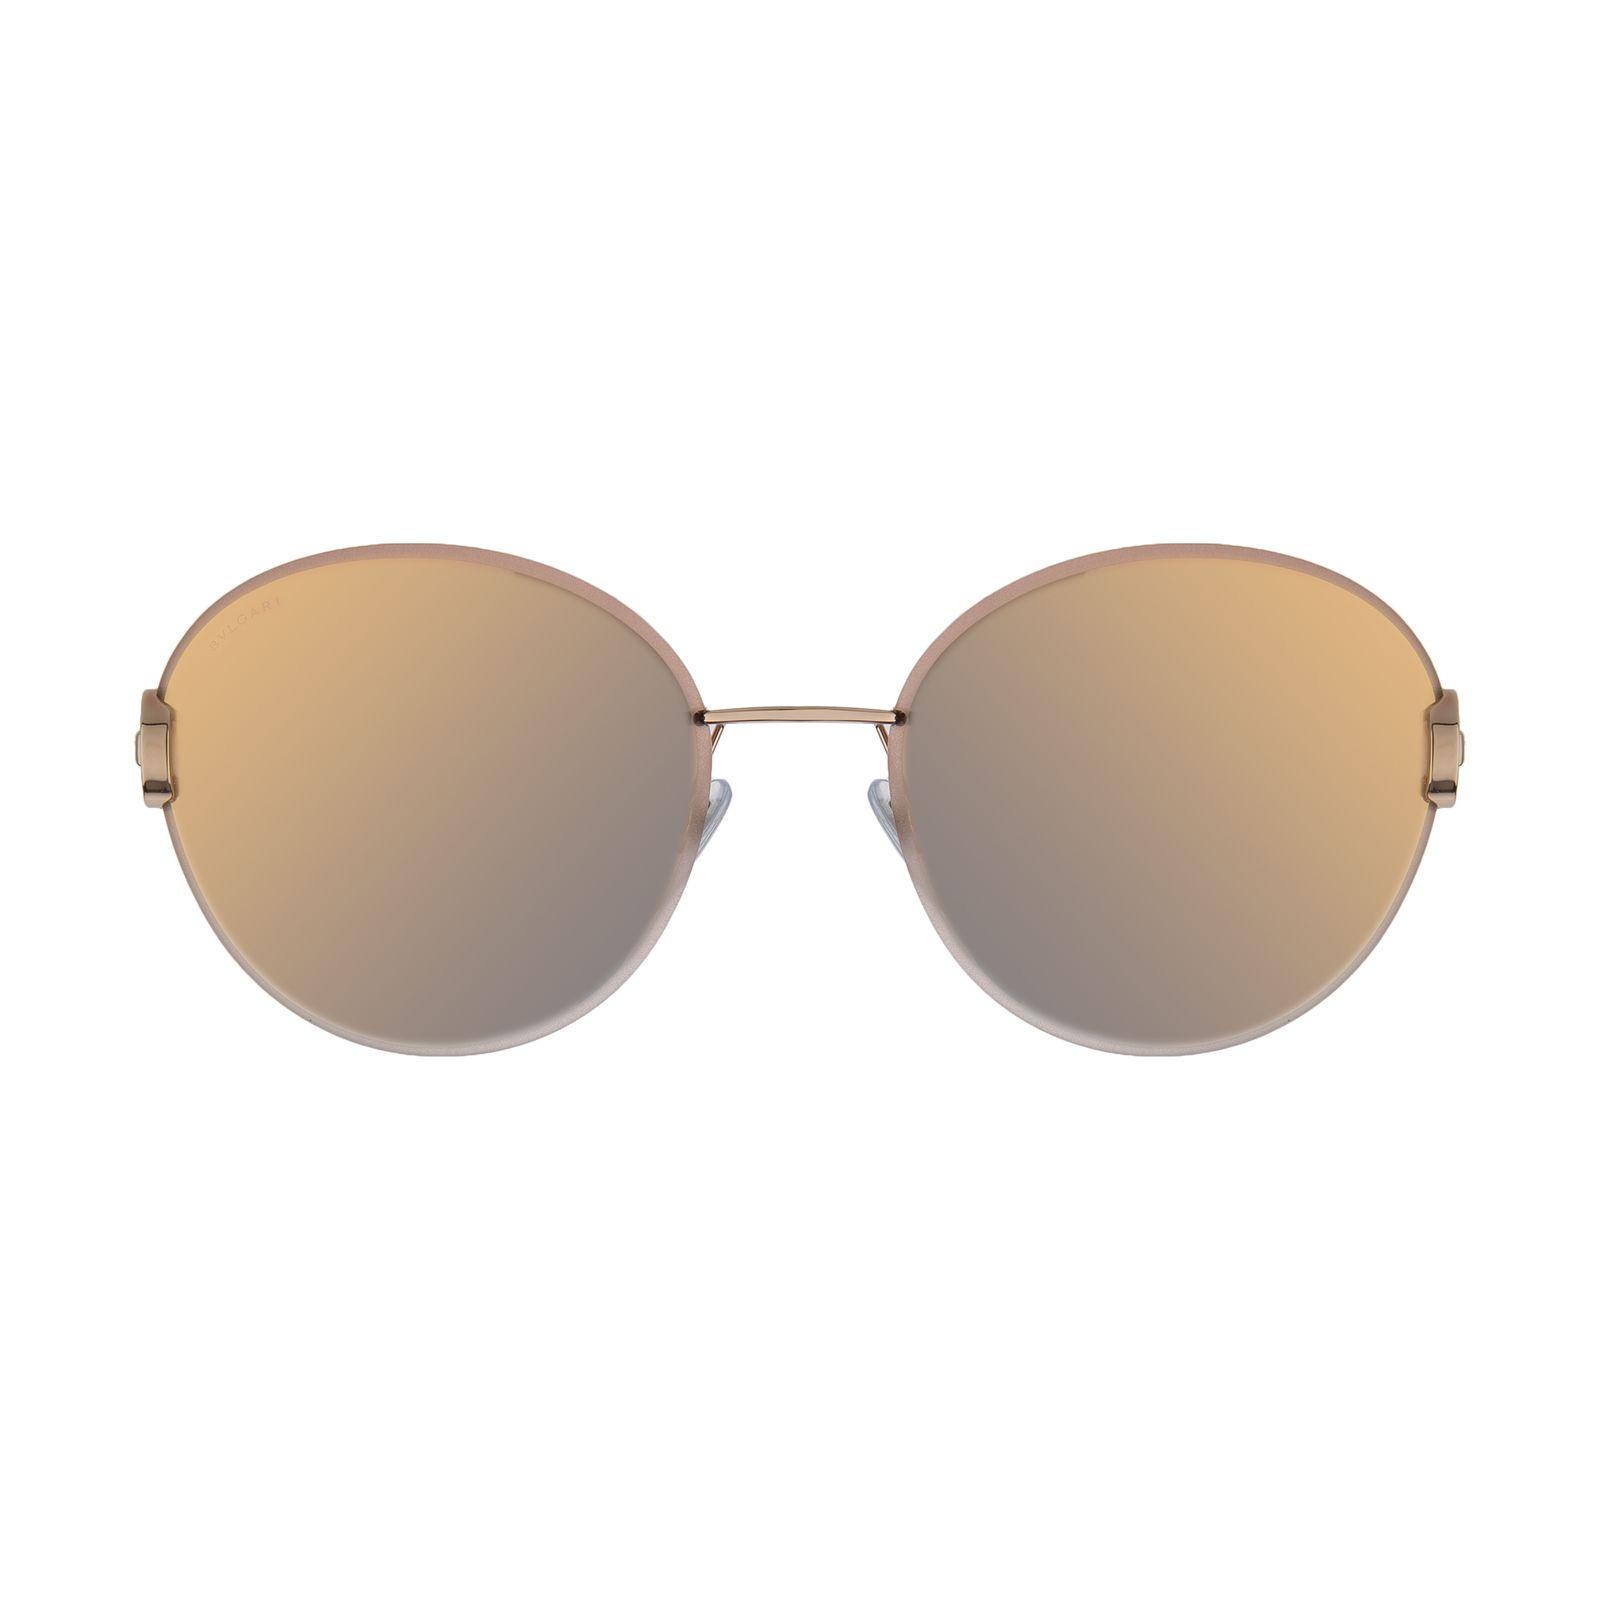 عینک آفتابی زنانه بولگاری مدل BV6091B 20146F -  - 2